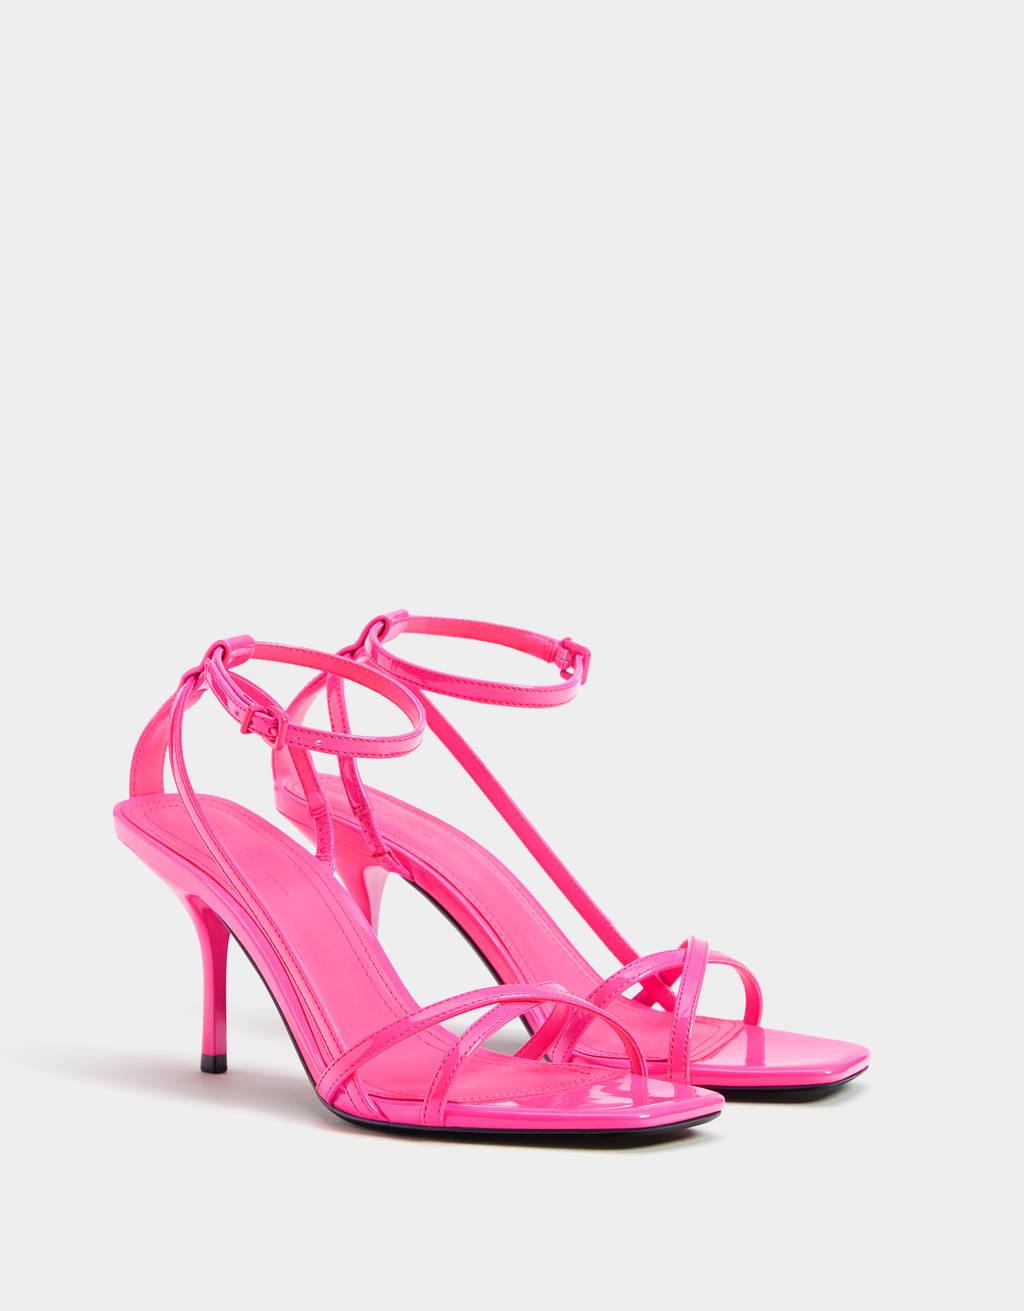 Sandály na podpatku s neonovými řemínky